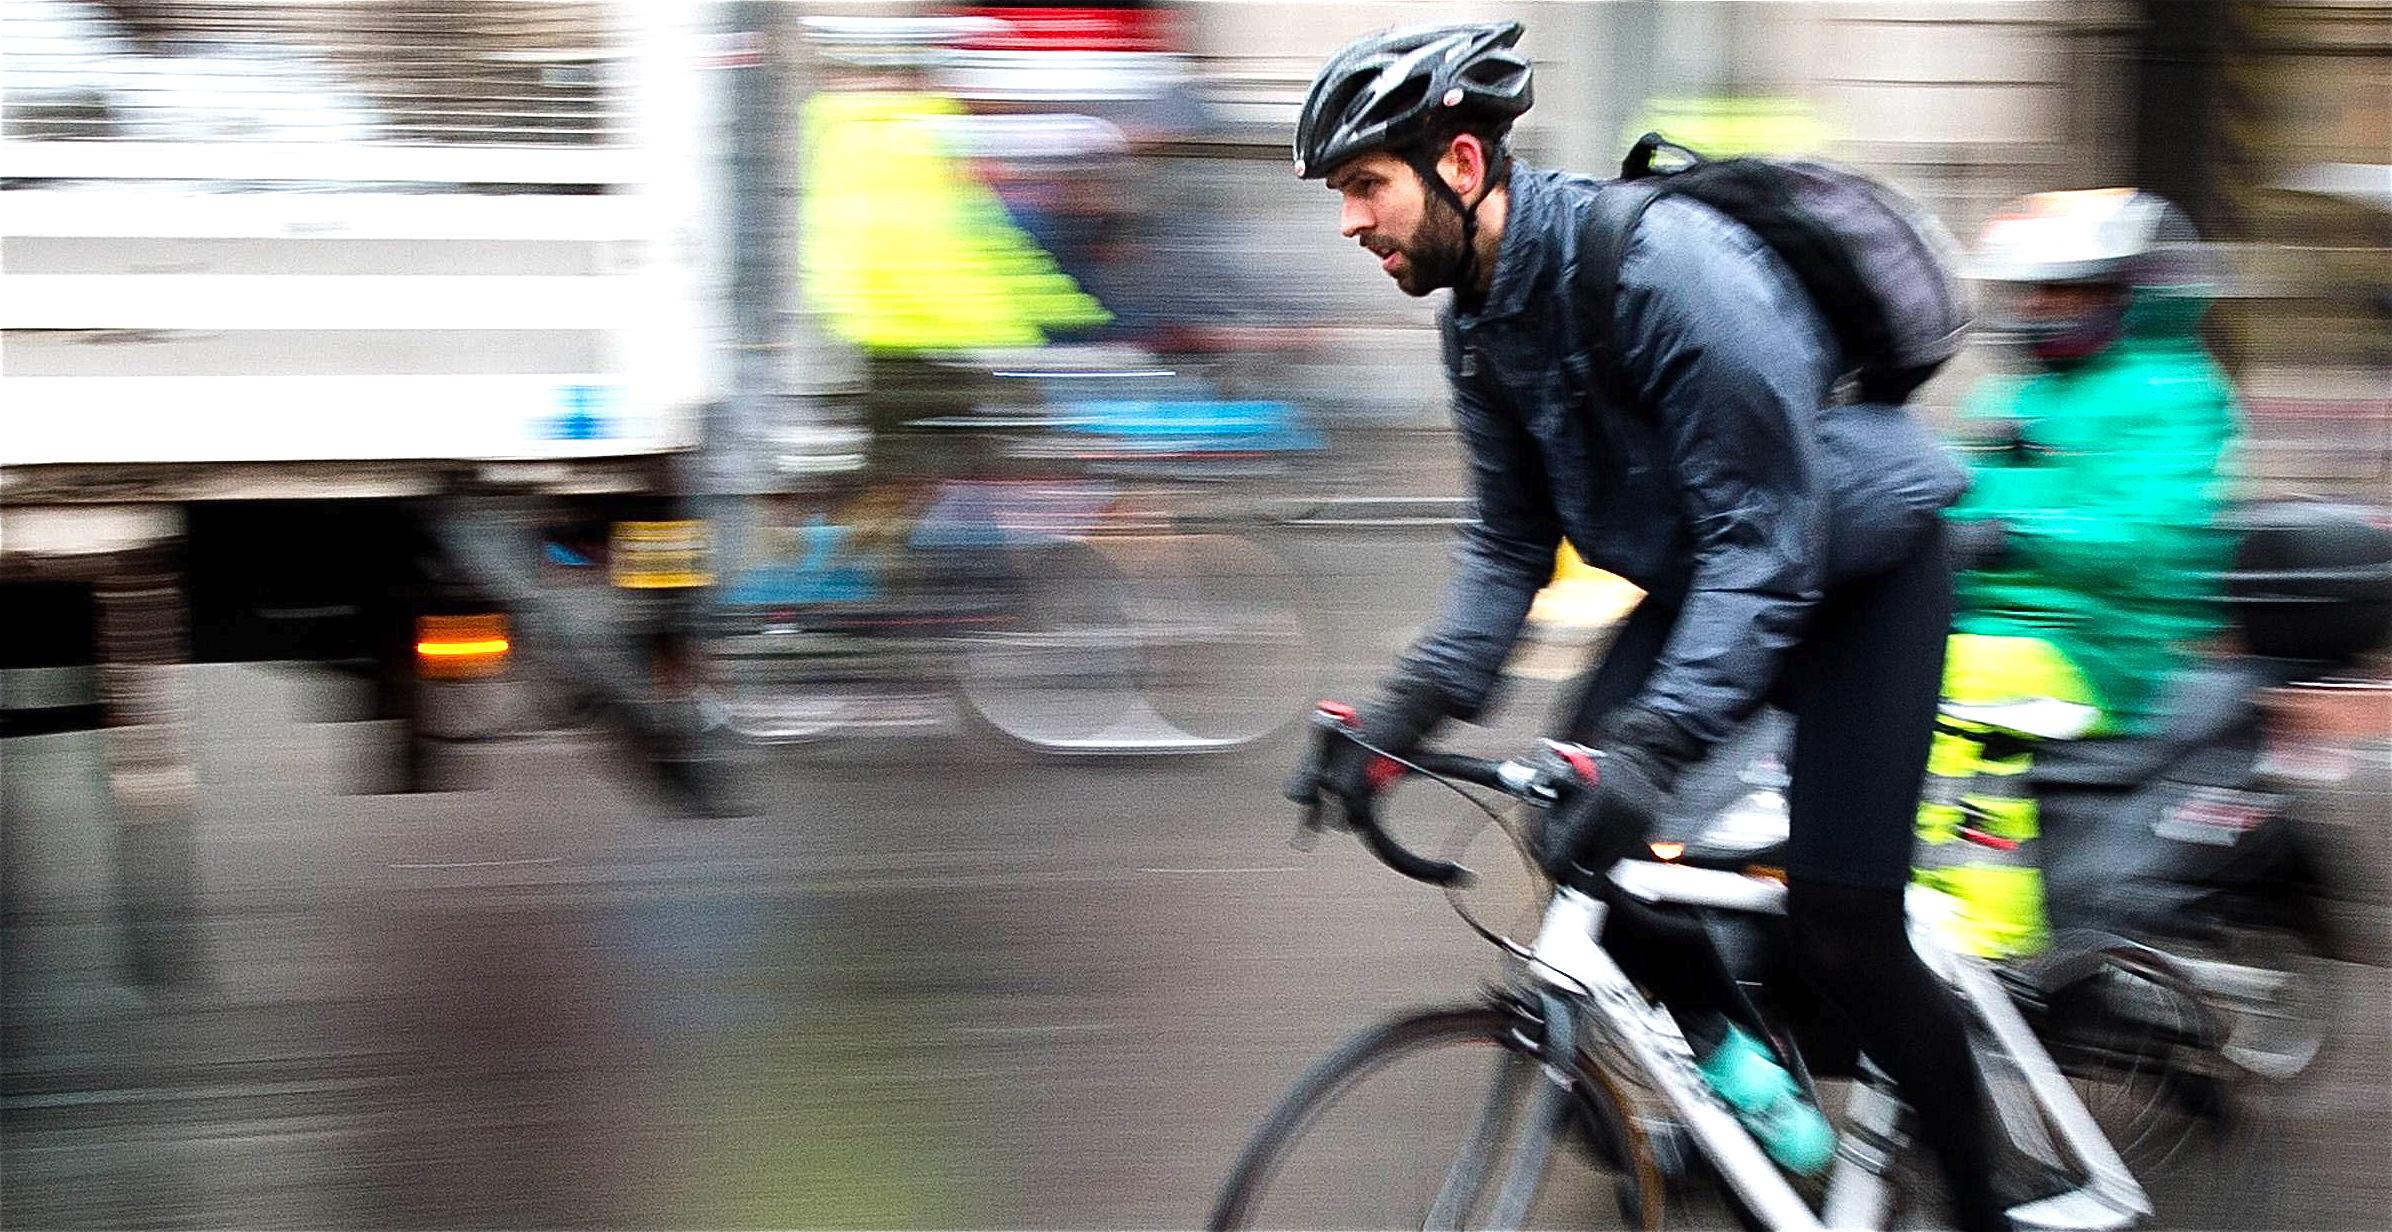 Rider in Traffic